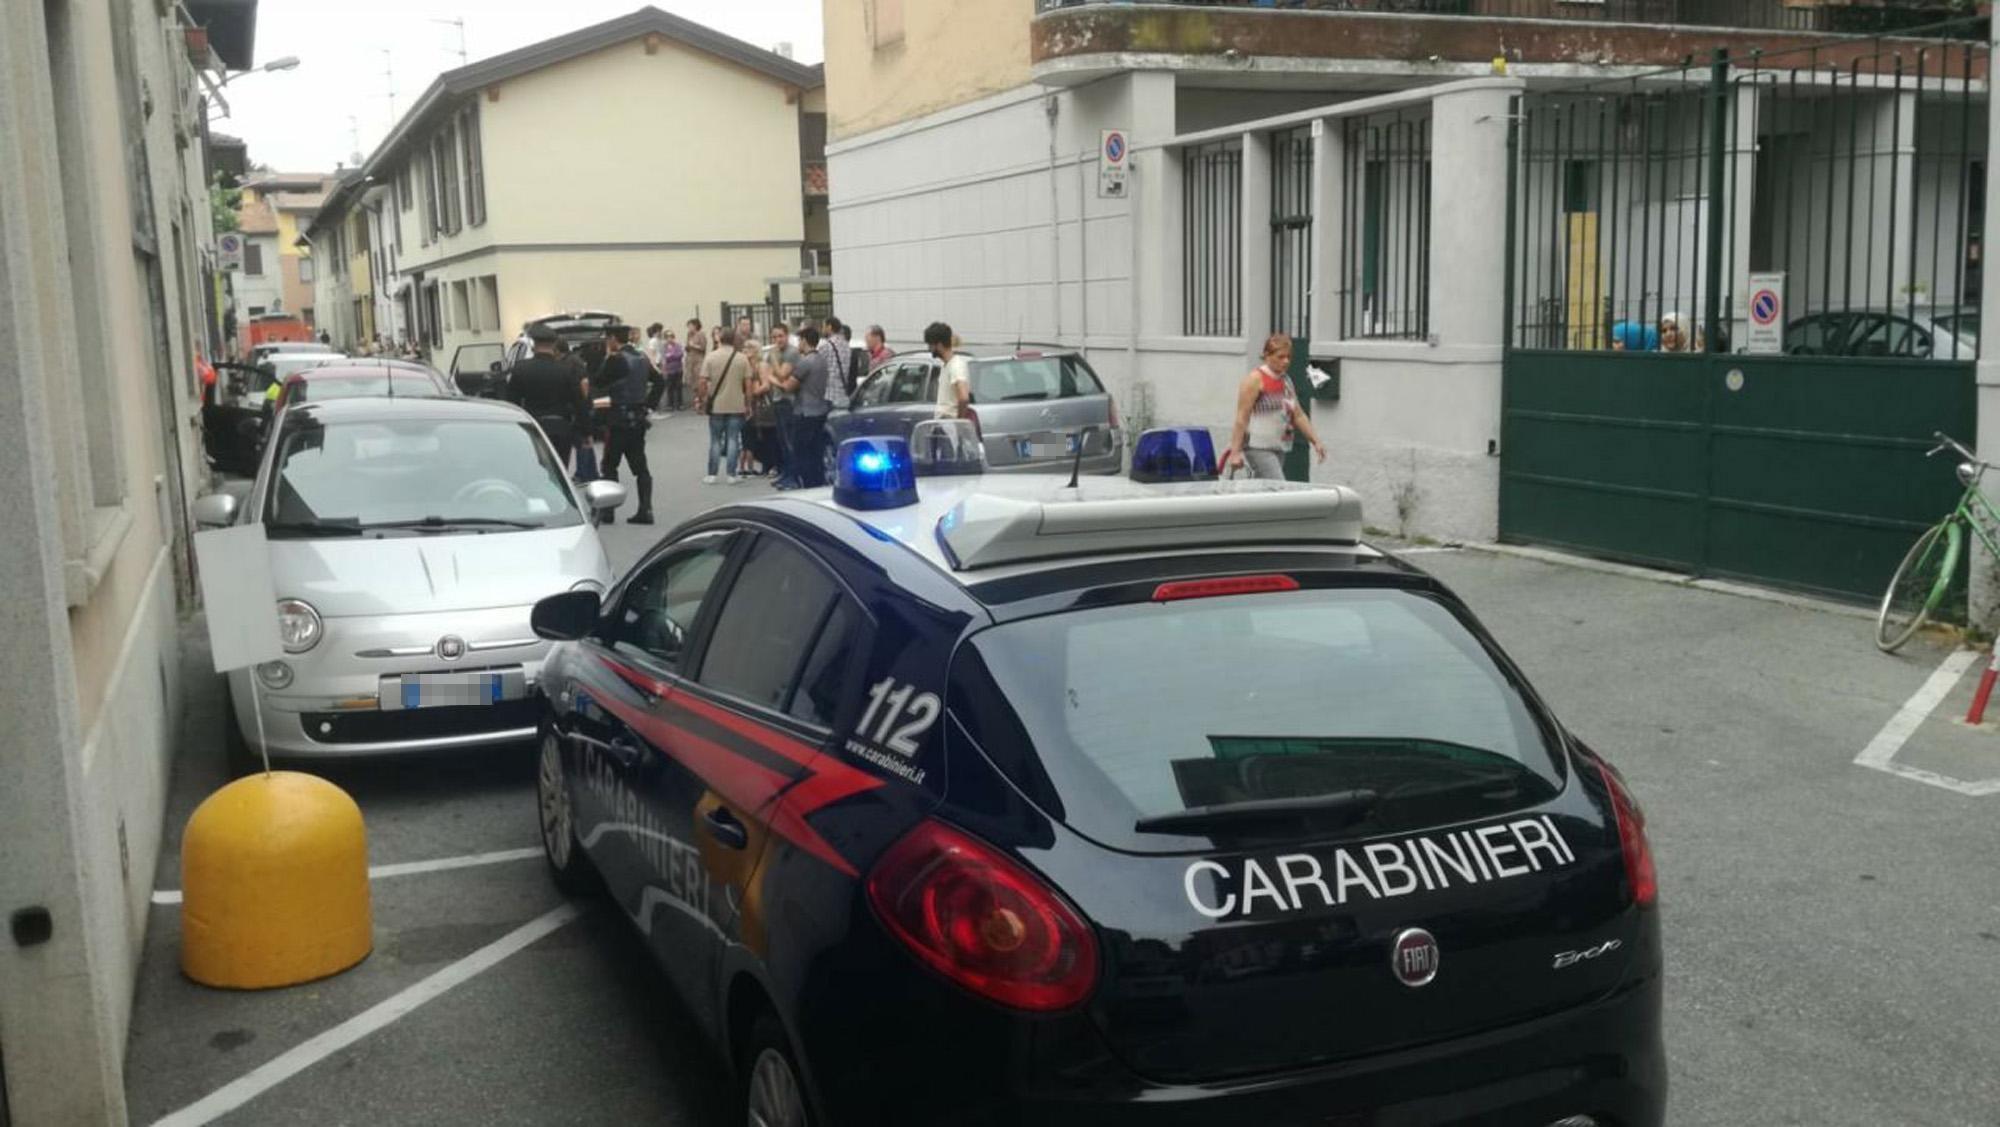 Testate e morsi alla compagna minorenne davanti al figlio: arrestato 23enne